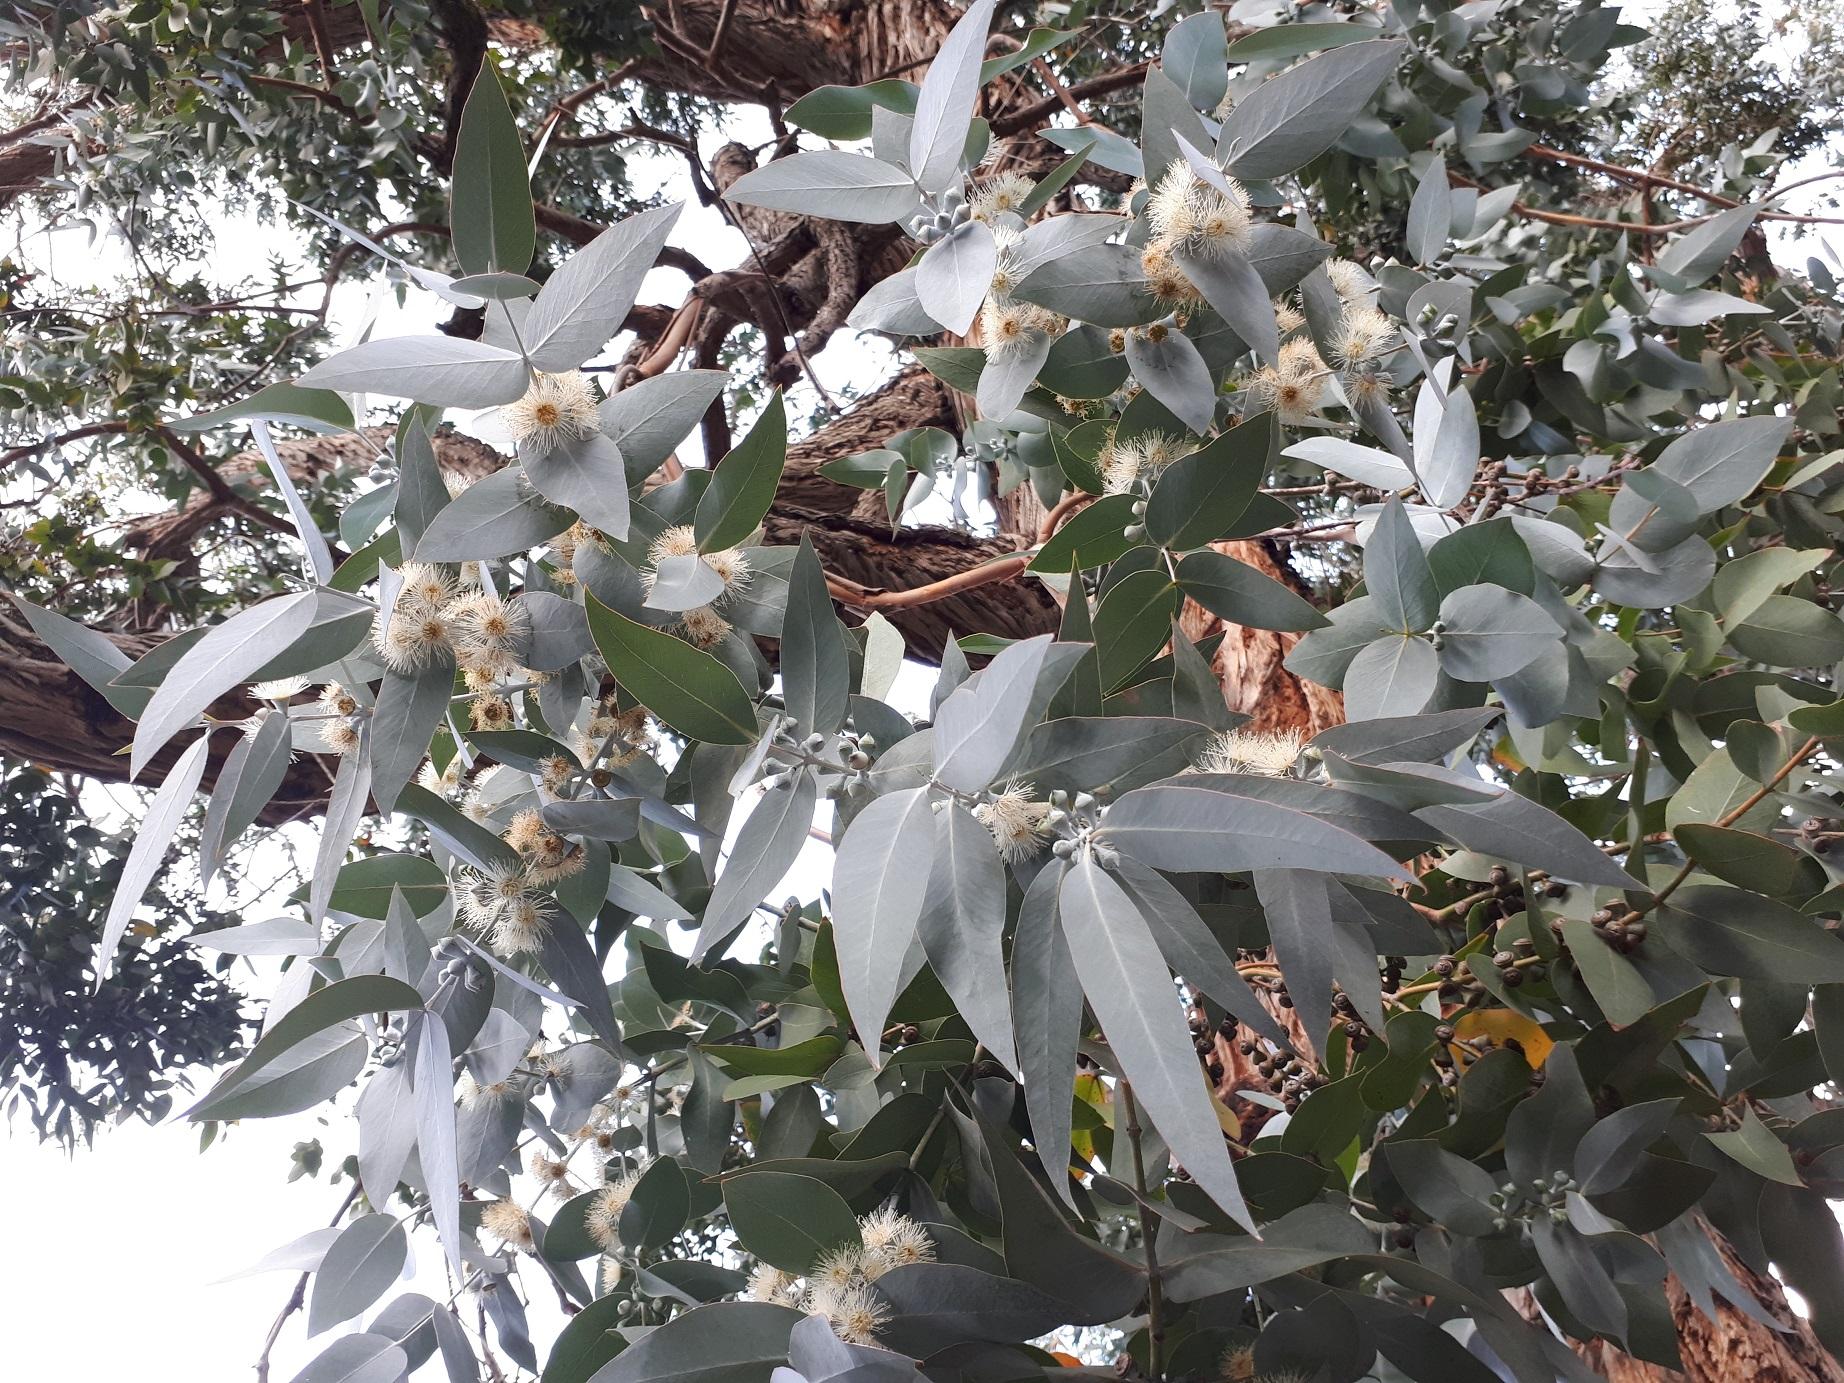 Mossel River Arboretum 23rd May 2018